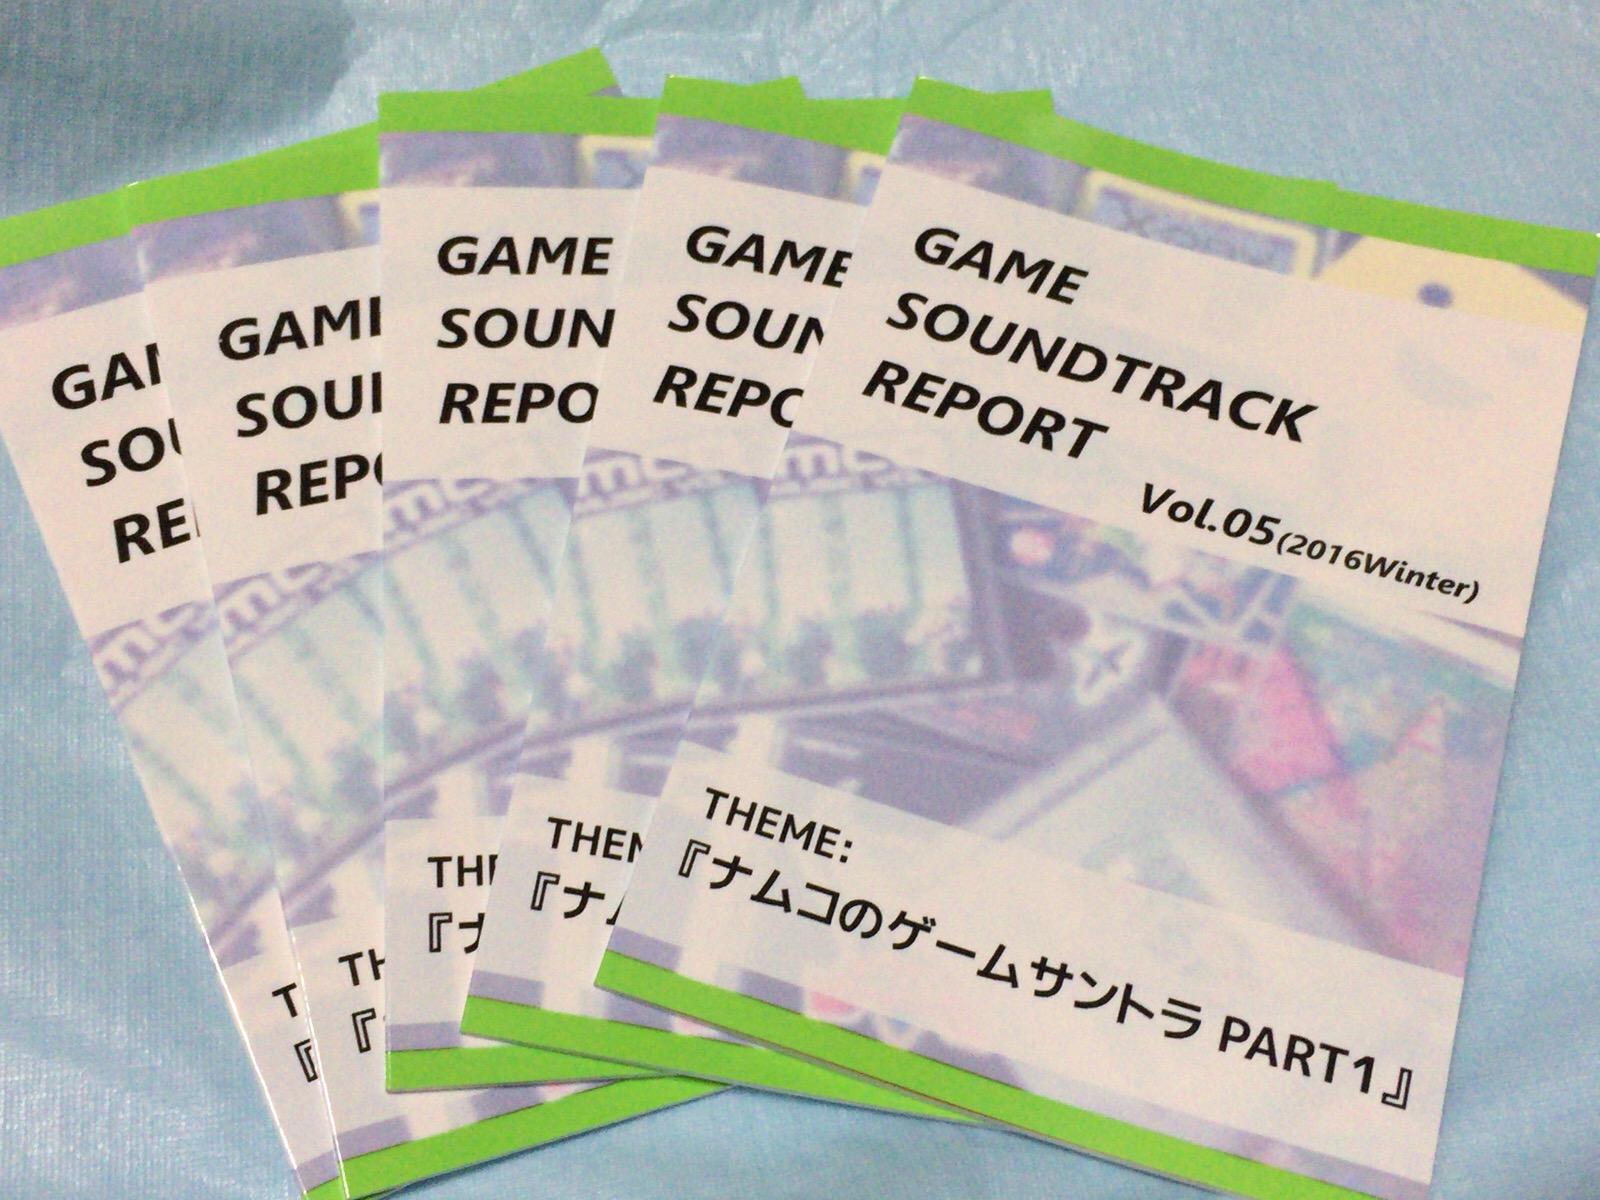 GAME SOUNDTRACK REPORT Vol.05